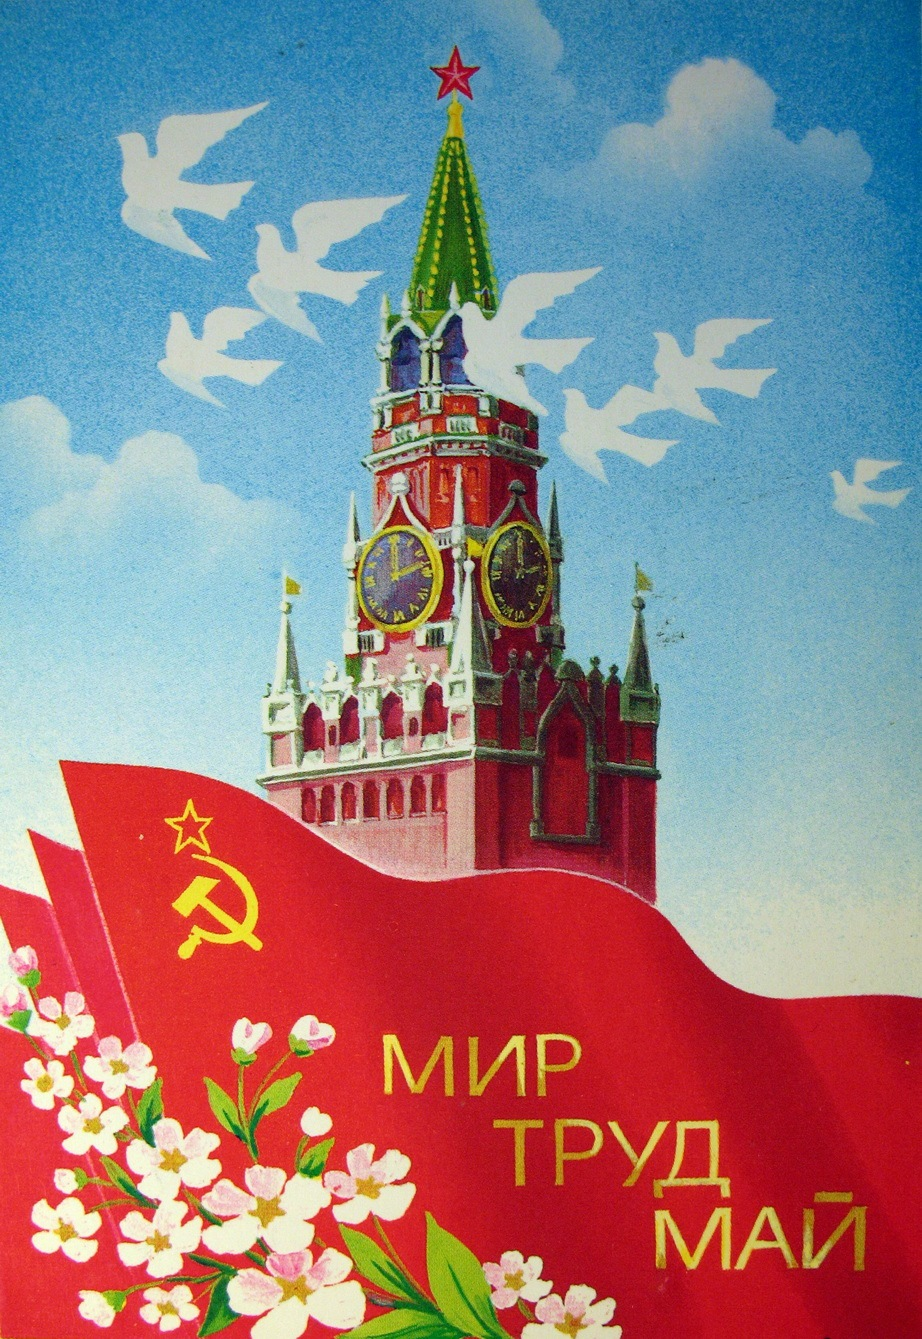 Картинки 1 мая мир труд май